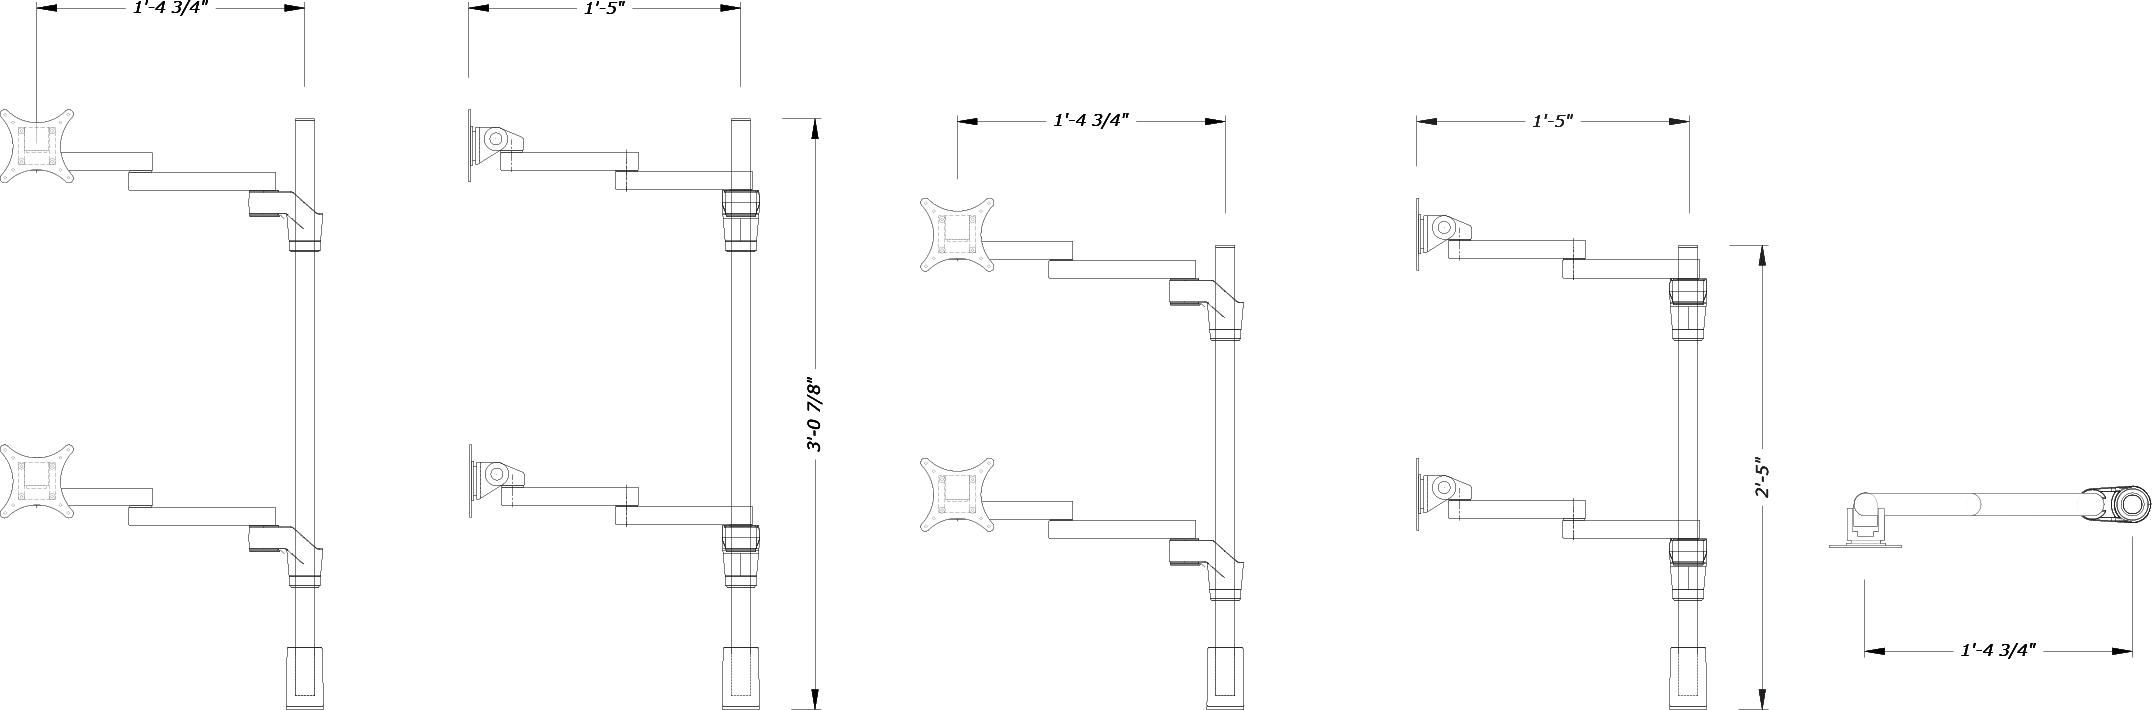 FP-STX28/36 Specs